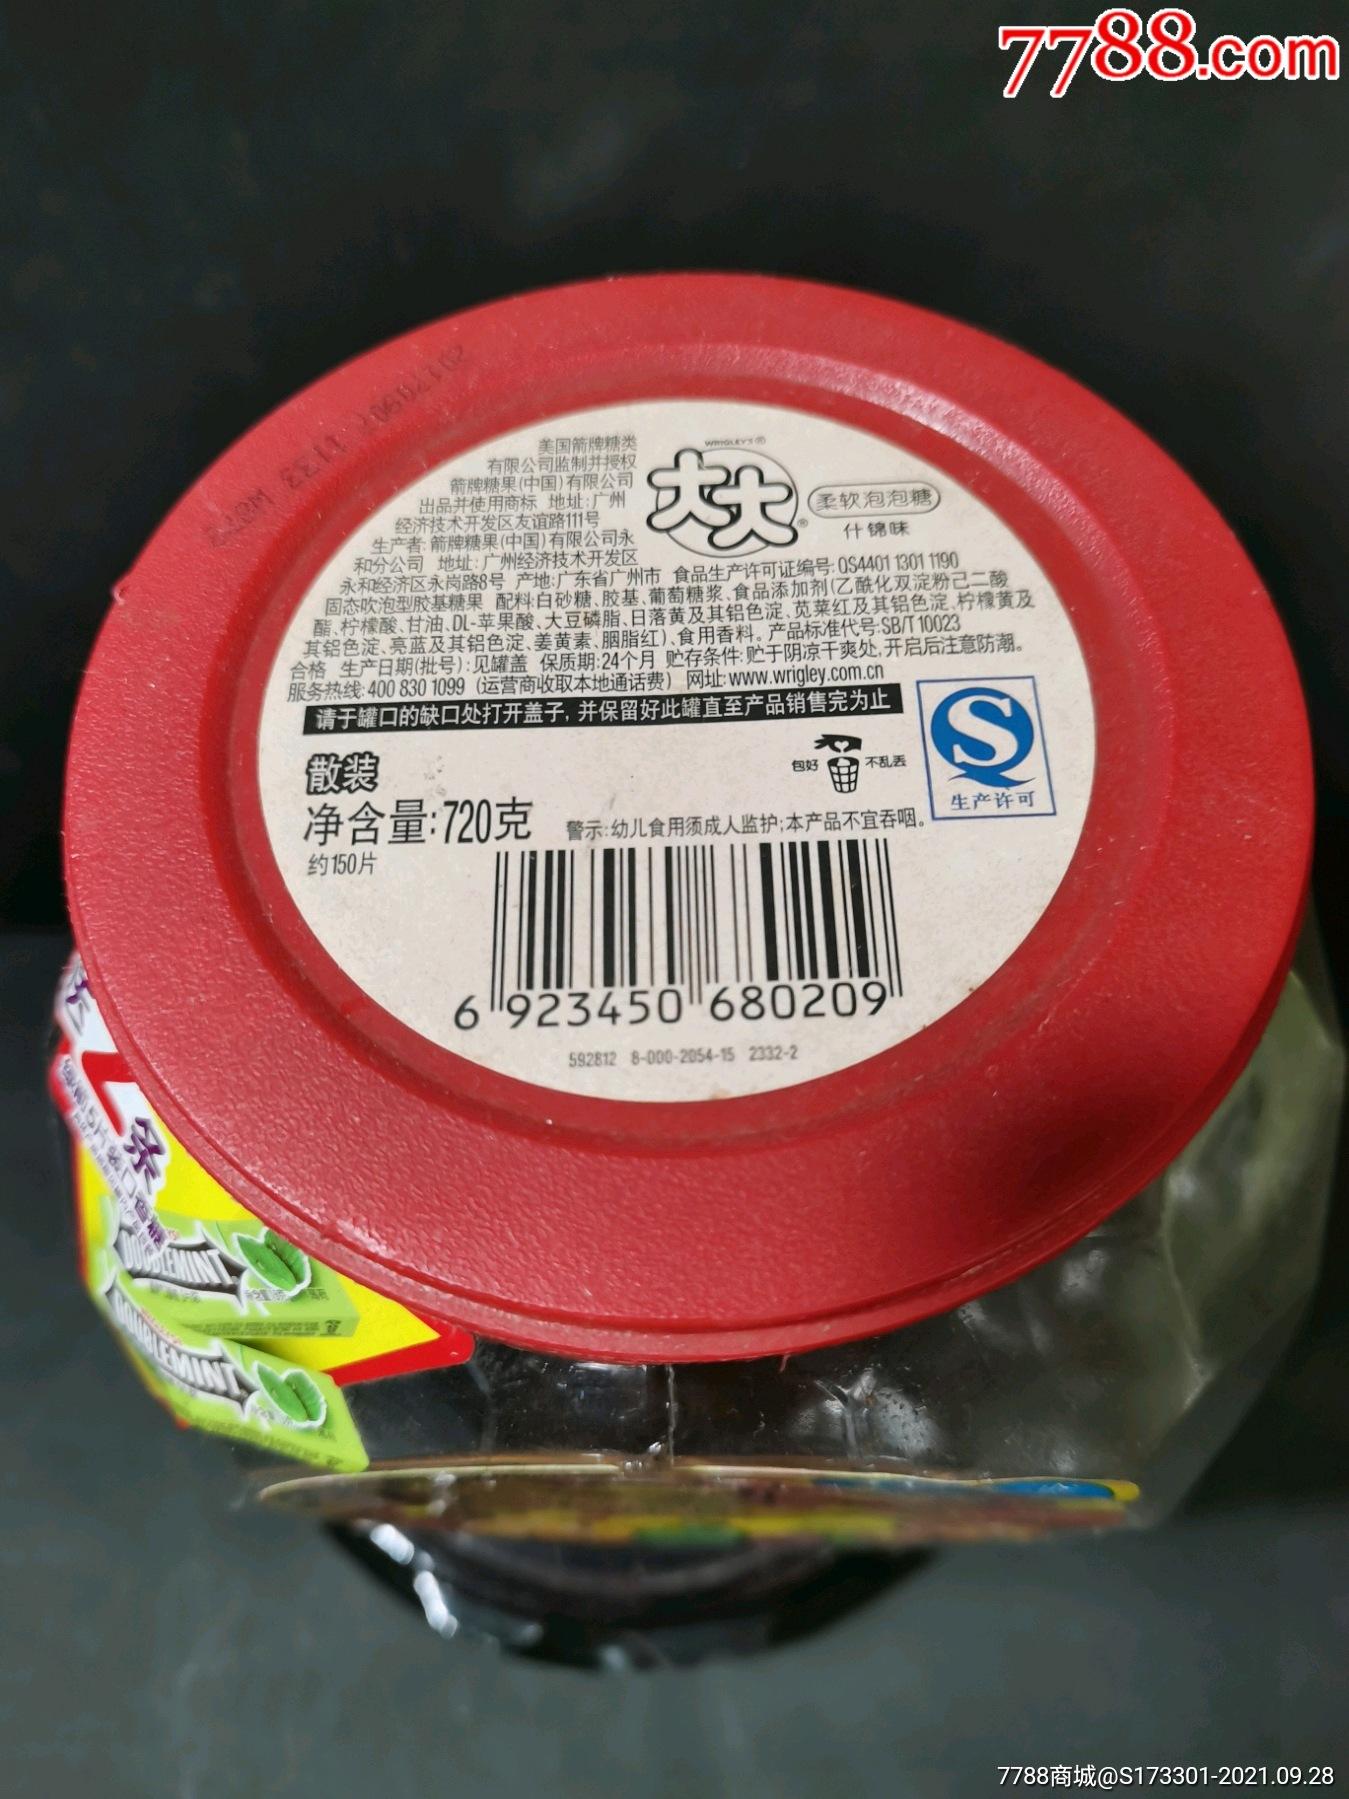 大大泡泡糖空罐_价格5元_第6张_